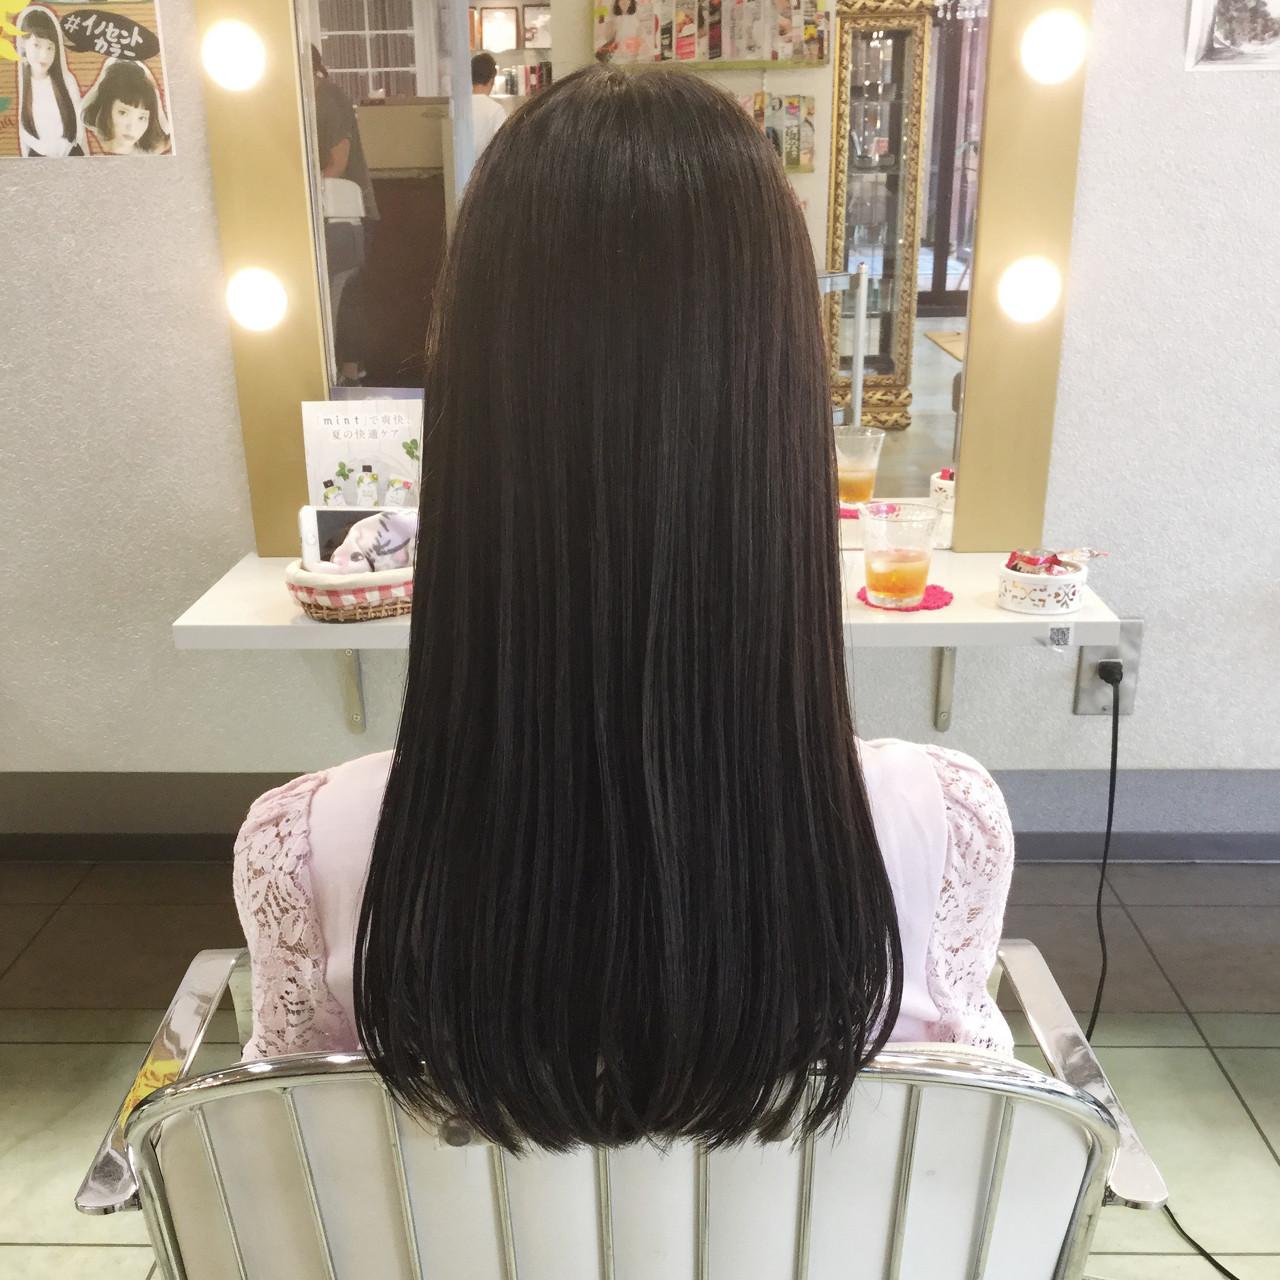 ストレート ロング 黒髪 オフィス ヘアスタイルや髪型の写真・画像